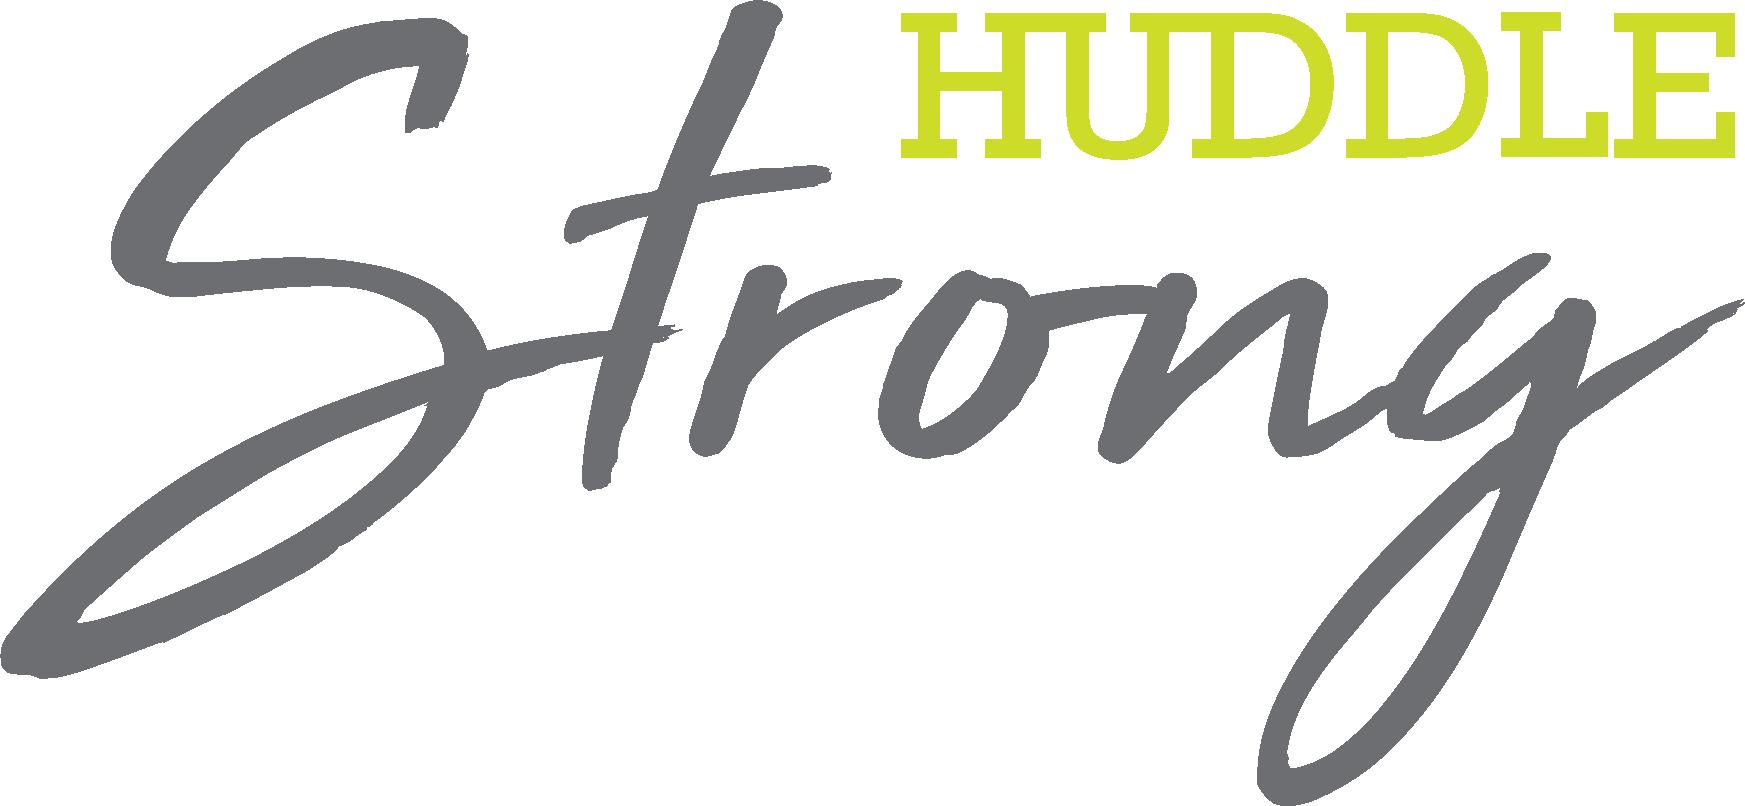 HuddleStrong 072517.png